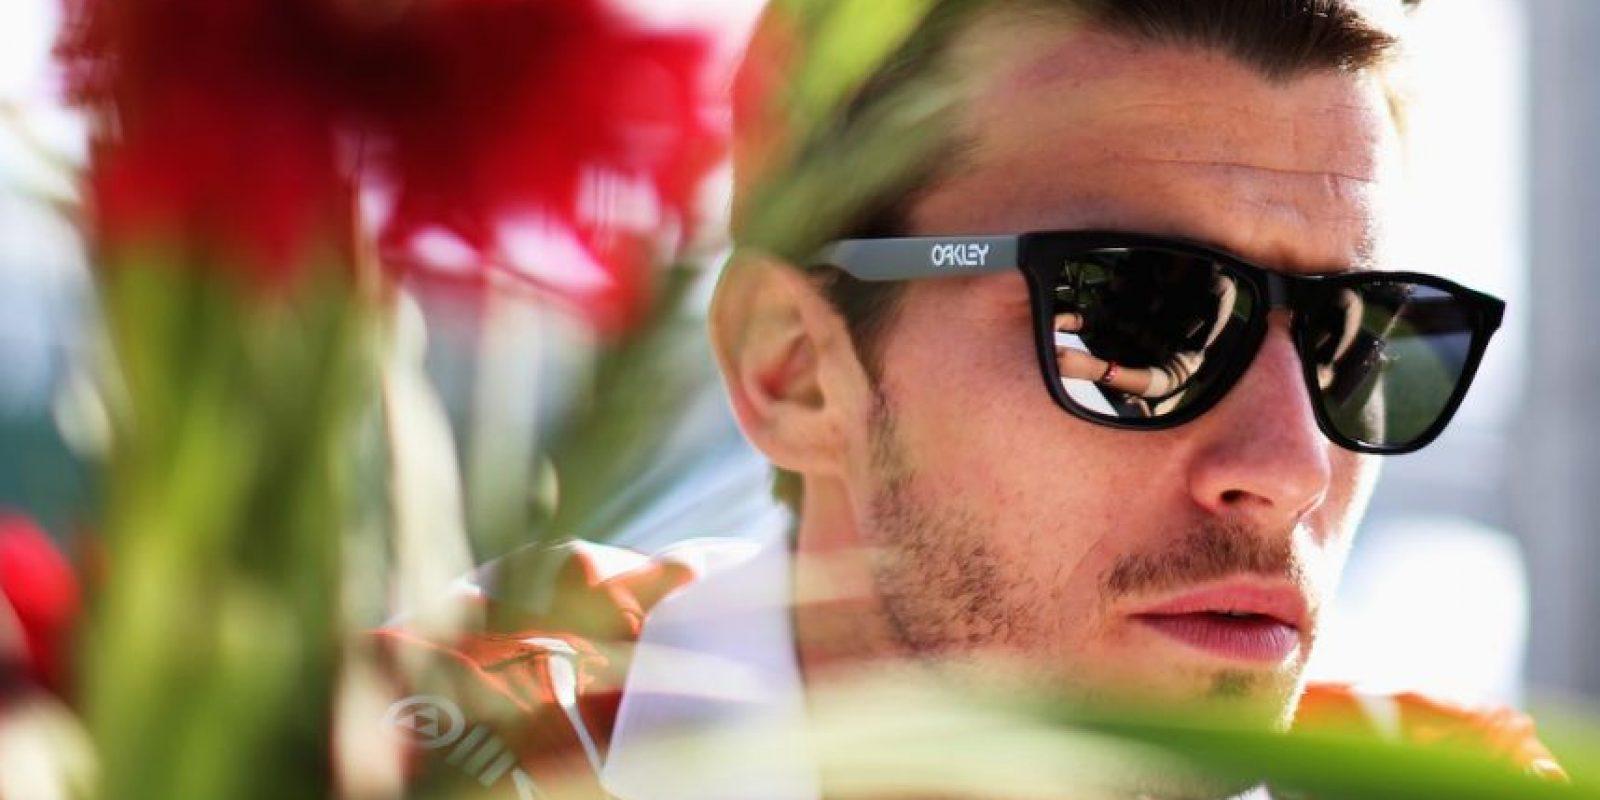 Bianchi, de 25 años, murió el 17 de julio de este año, tras estar 9 meses en coma. Foto:Getty Images